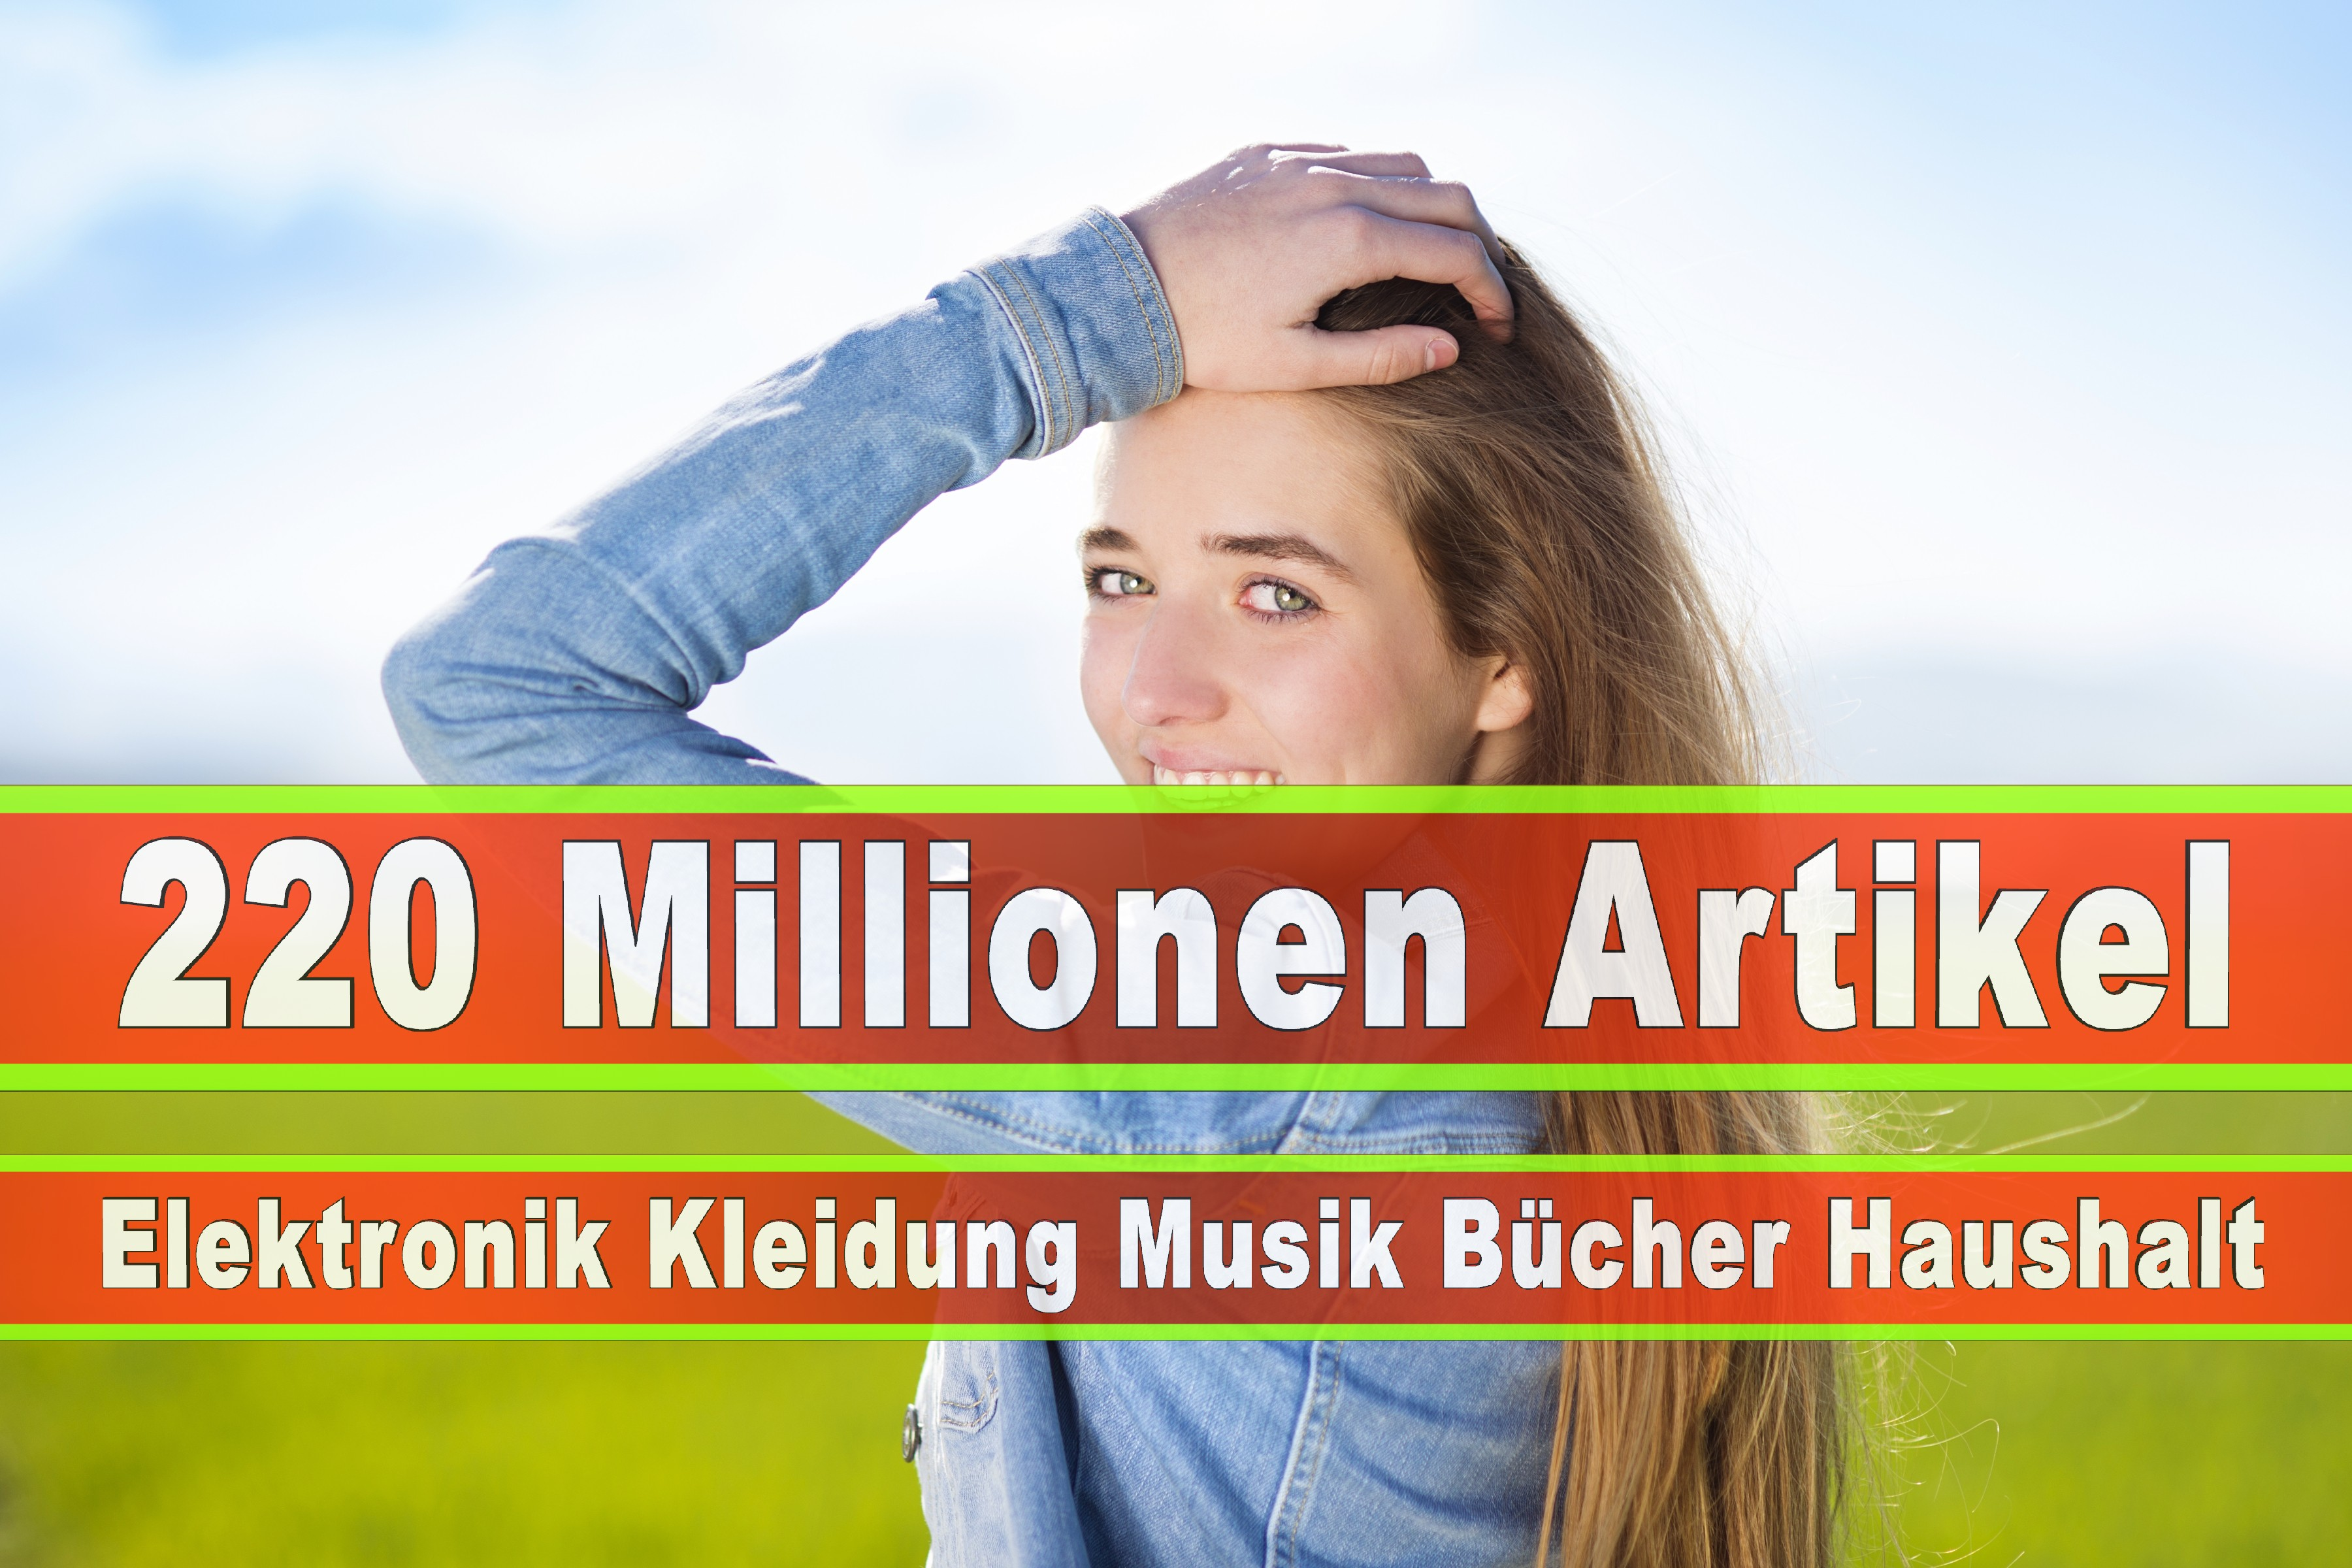 Amazon Elektronik Musik Haushalt Bücher CD DVD Handys Smartphones TV Television Fernseher Kleidung Mode Ebay Versandhaus (101)